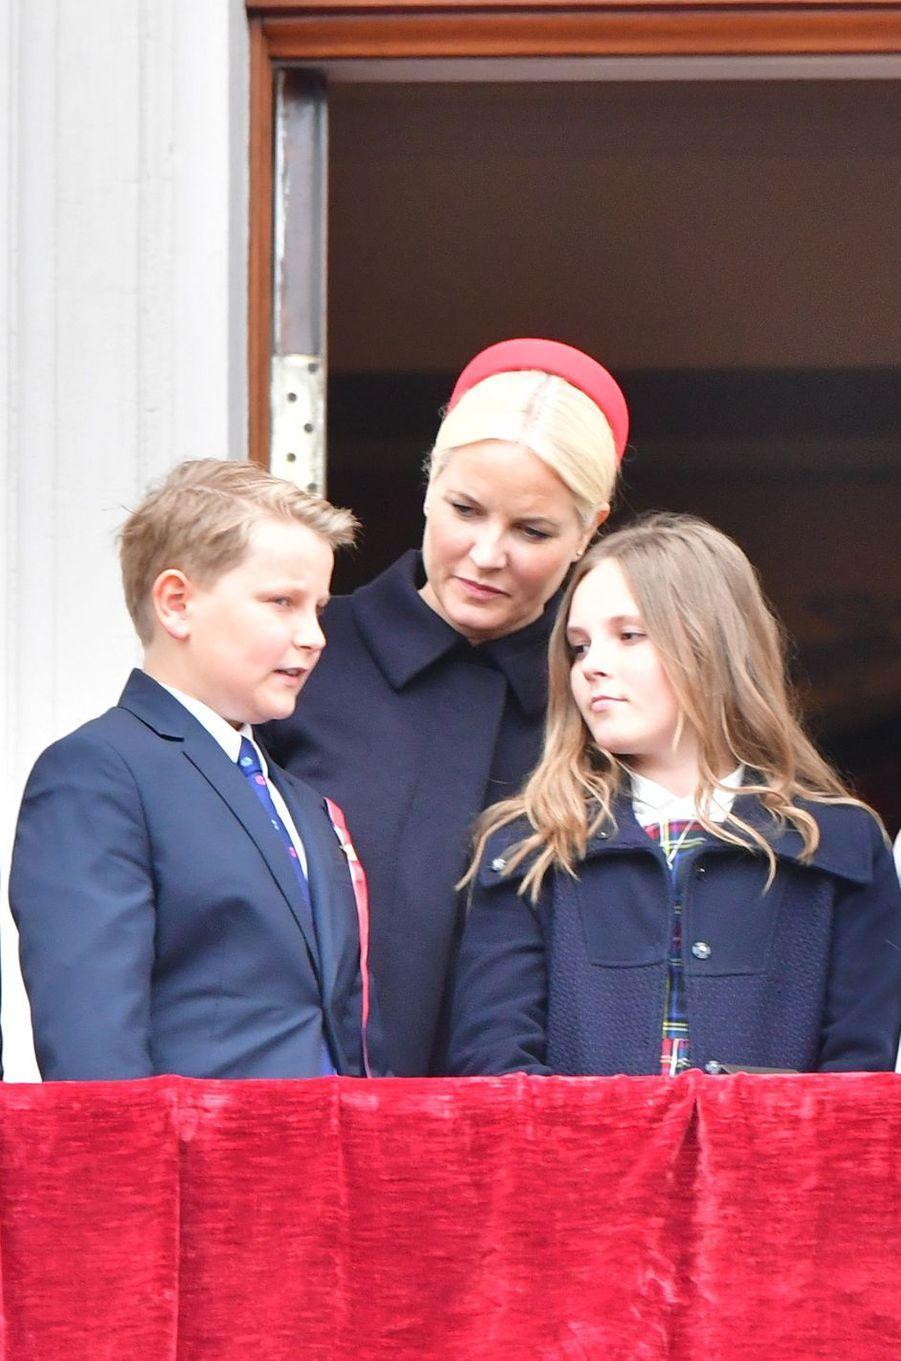 La princesse Mette-Marit de Norvège avec la princesse Ingrid Alexandra et le prince Sverre Magnus à Oslo, le 17 mai 2017